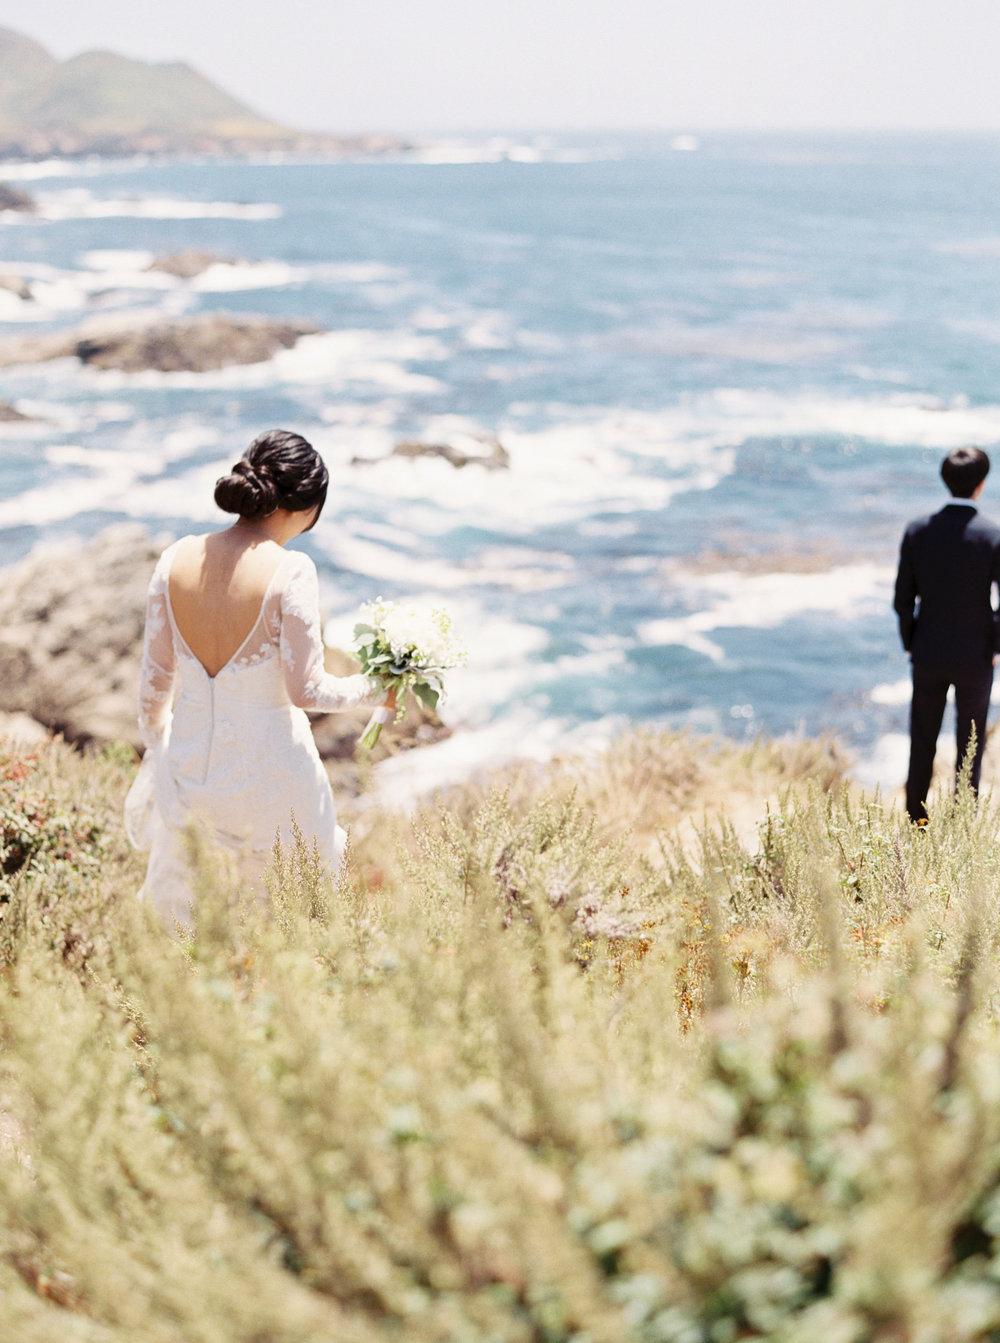 carmel-wedding-at-wedgewood-carmel-california-2.jpg